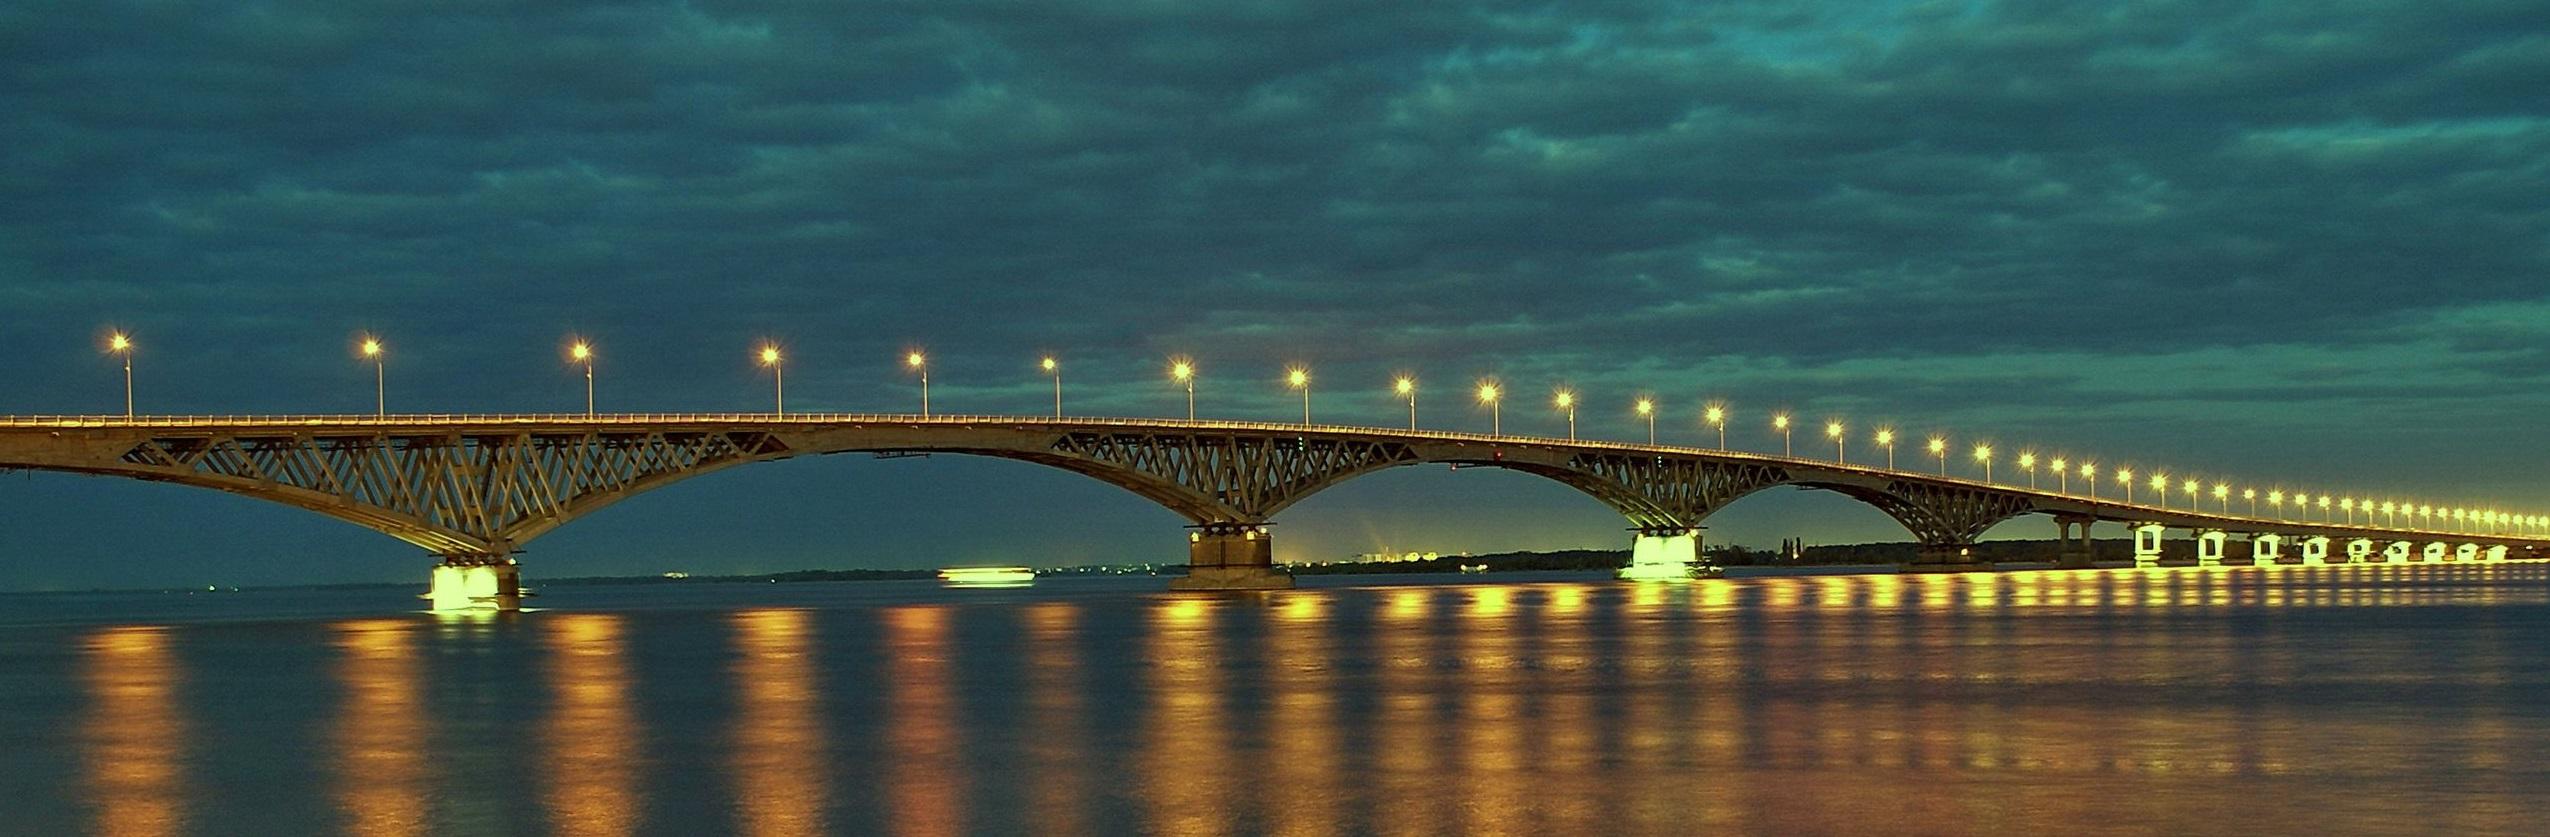 Грузоперевозки из Саратова в Москву